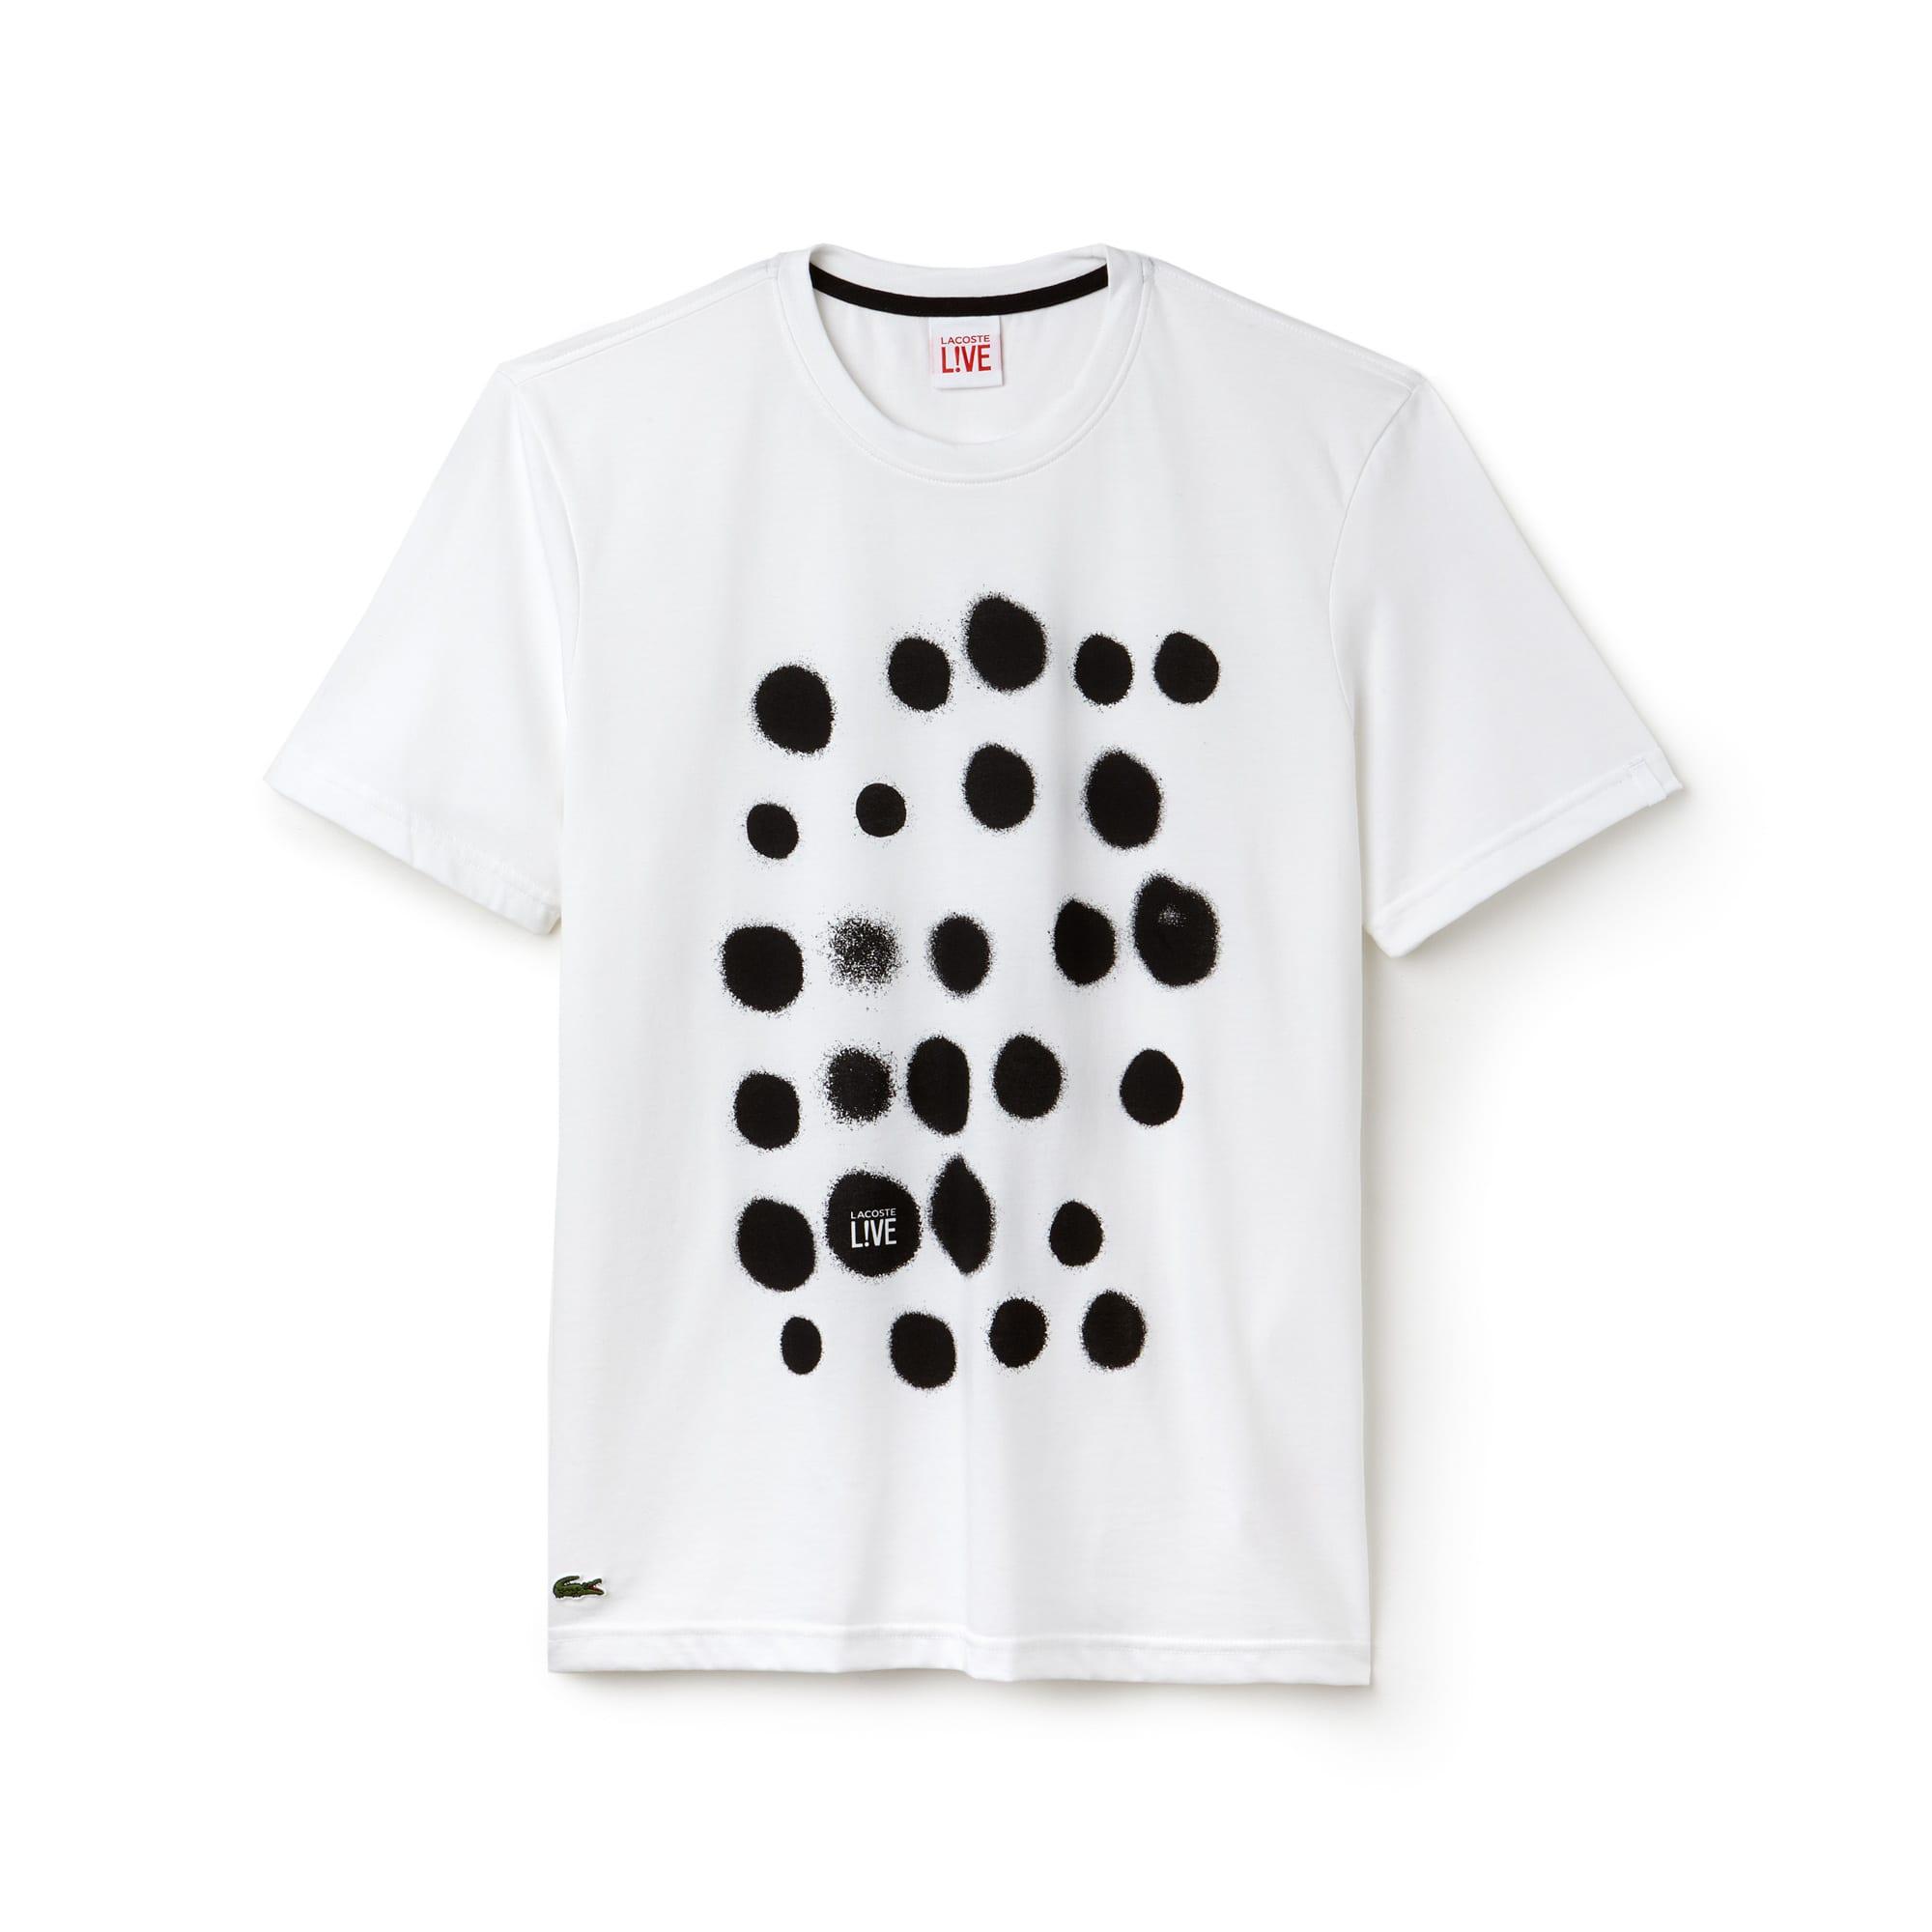 T-shirt col rond Lacoste LIVE en jersey imprimé tâcheté